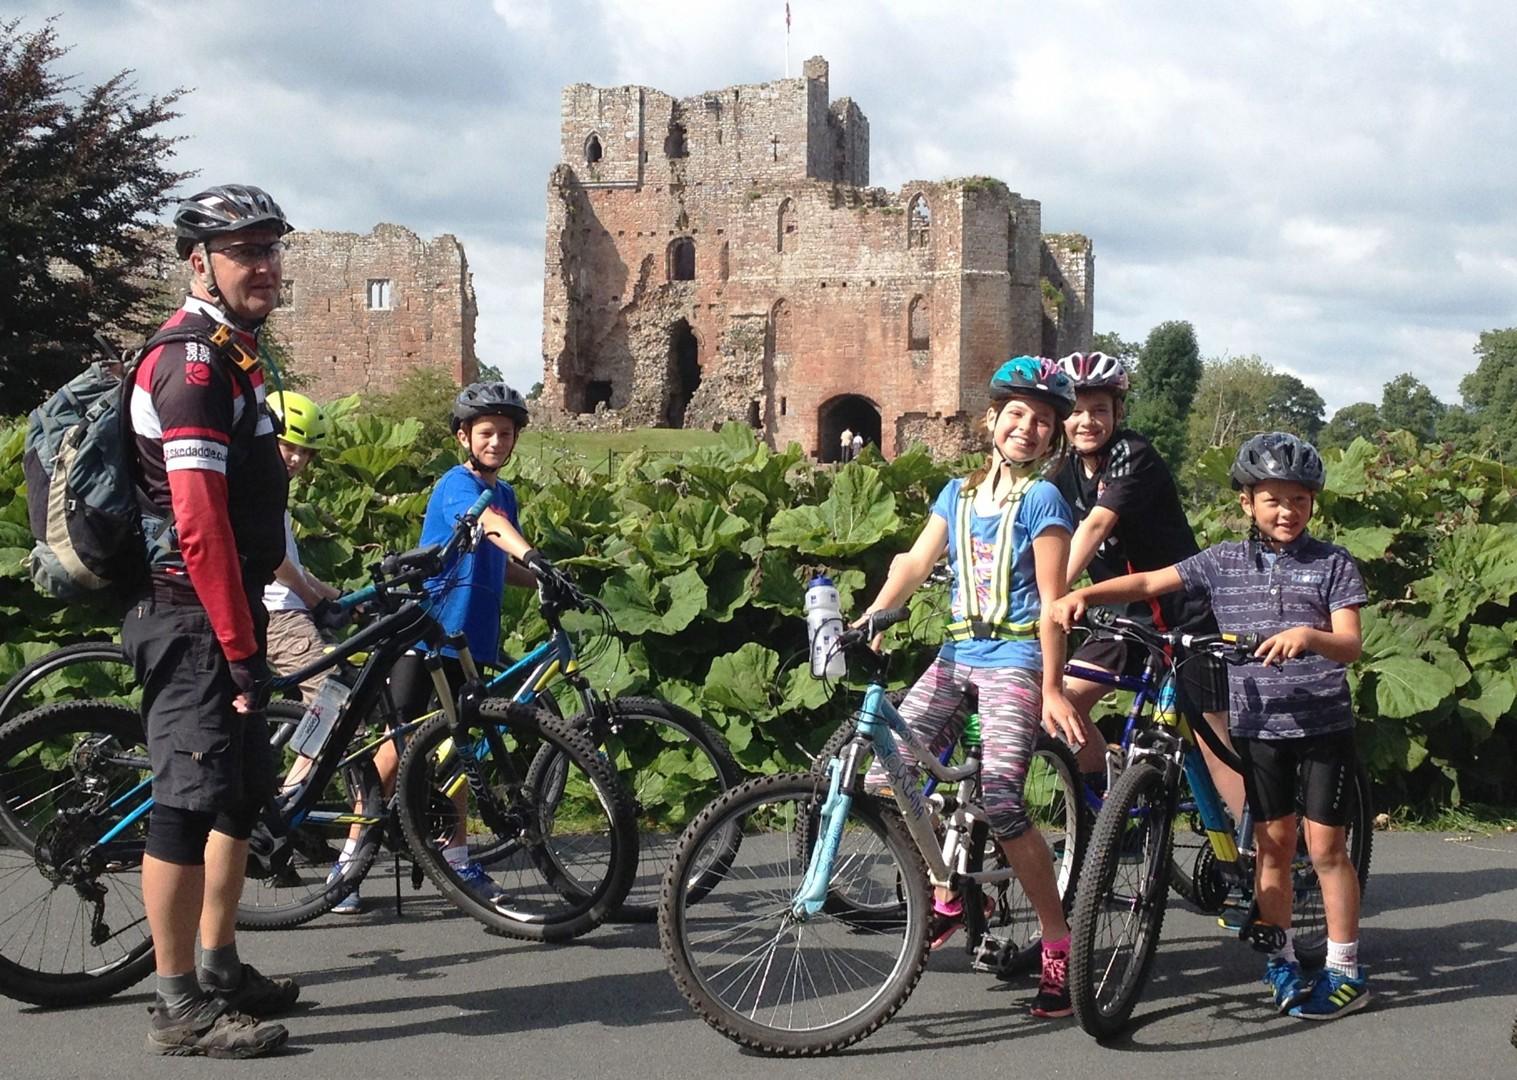 family-lake-district-weekend-skills.jpg - UK - Lake District - Bike Skills - Family Cycling